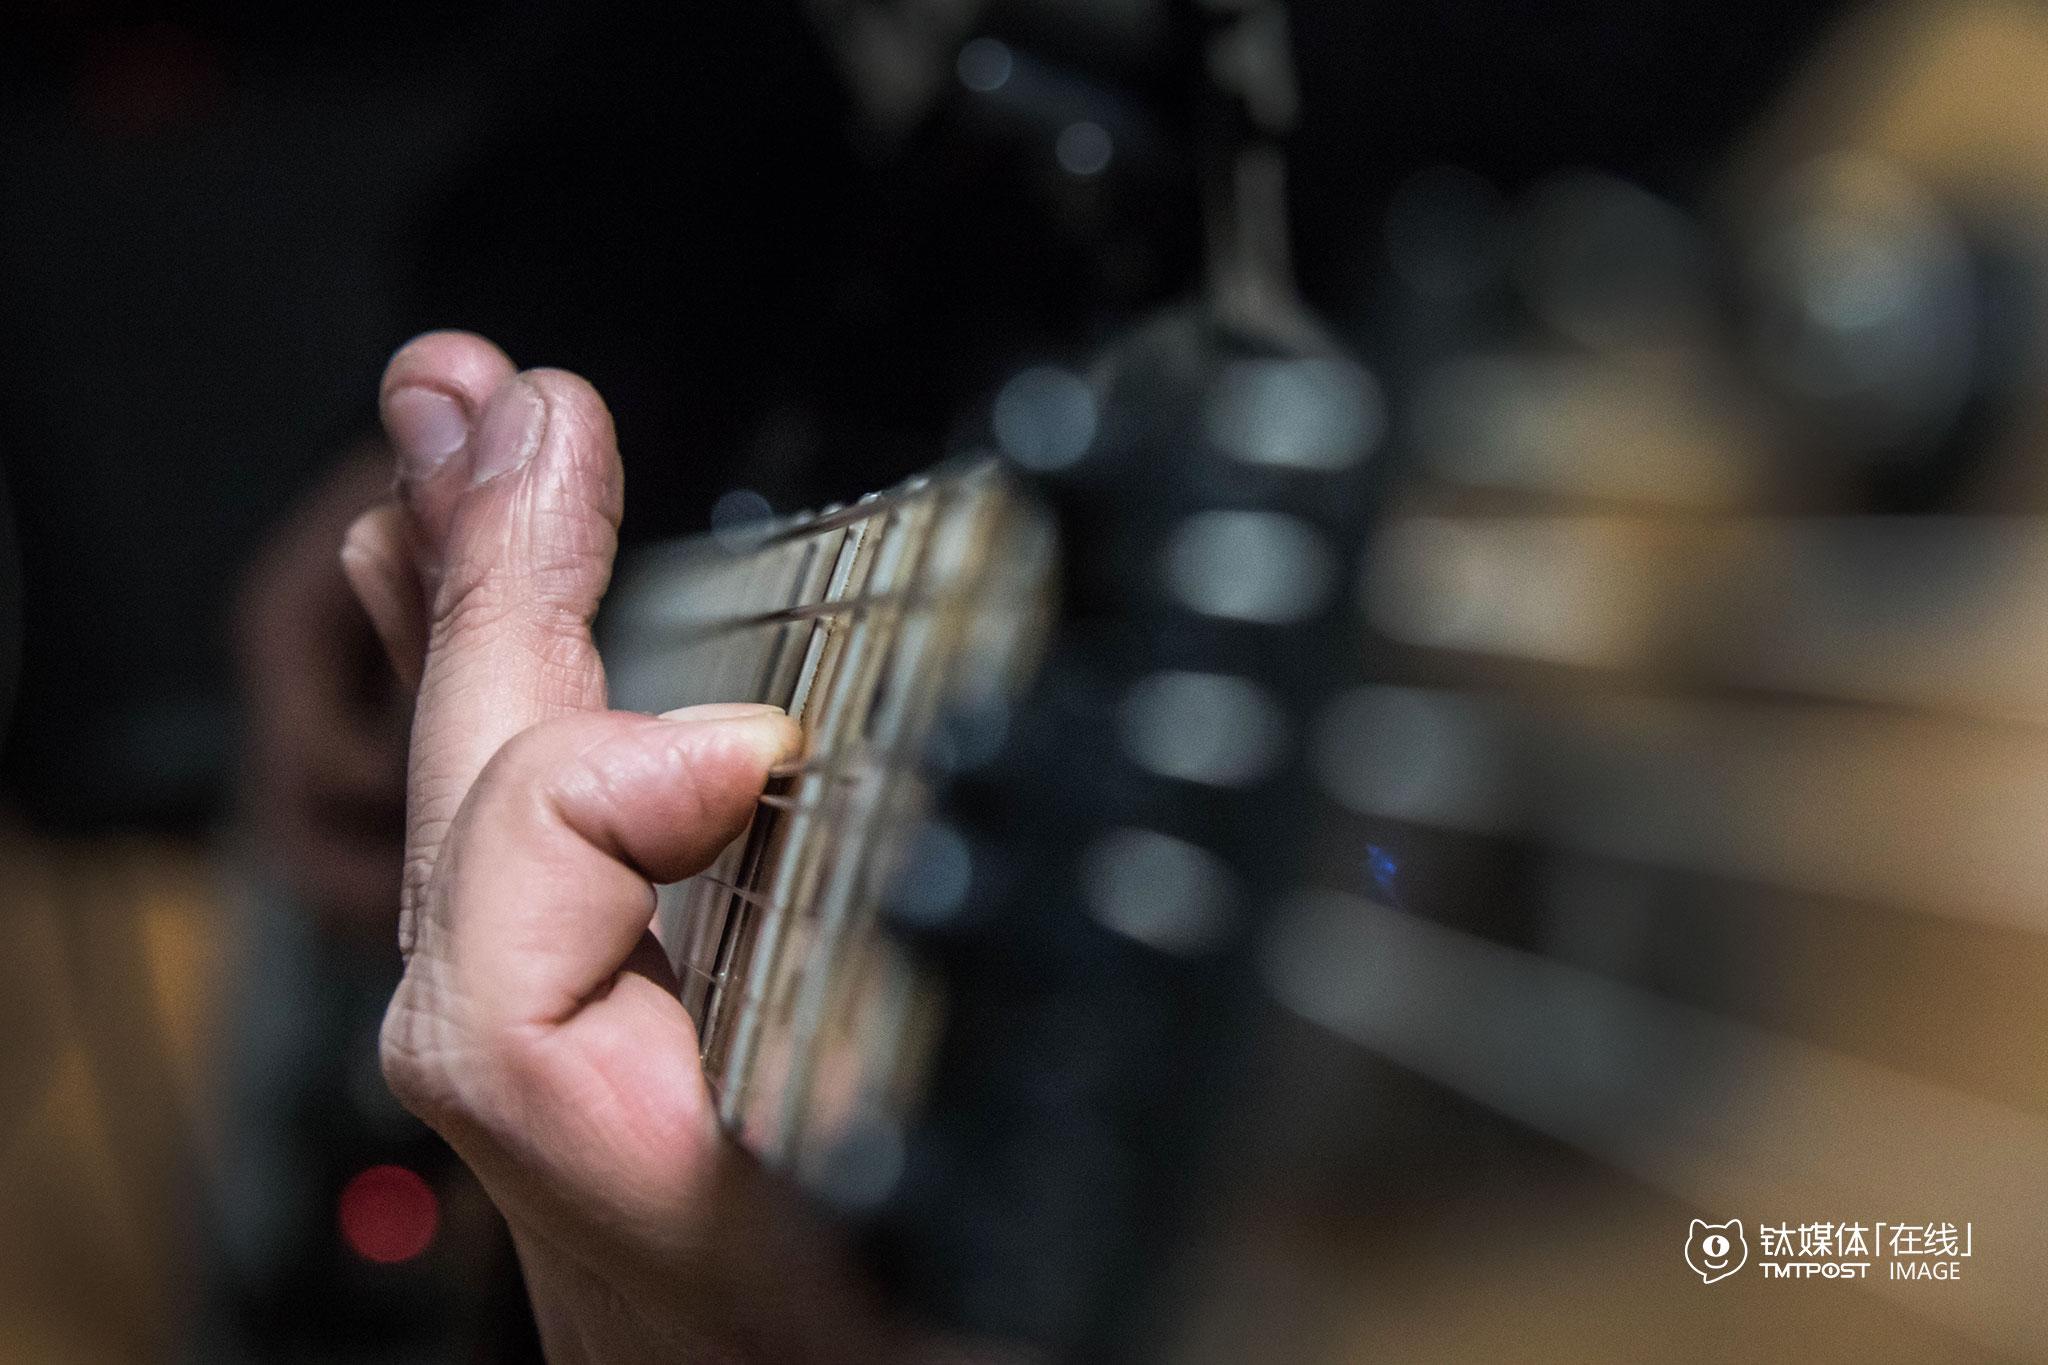 2016年2月4日,陈磊在为新节目编曲。从2015年夏天到现在,铁人音乐已经推出了60多期原创视频节目(含特别节目),陈磊在每期节目中测评演示所弹奏的曲目全部为原创。